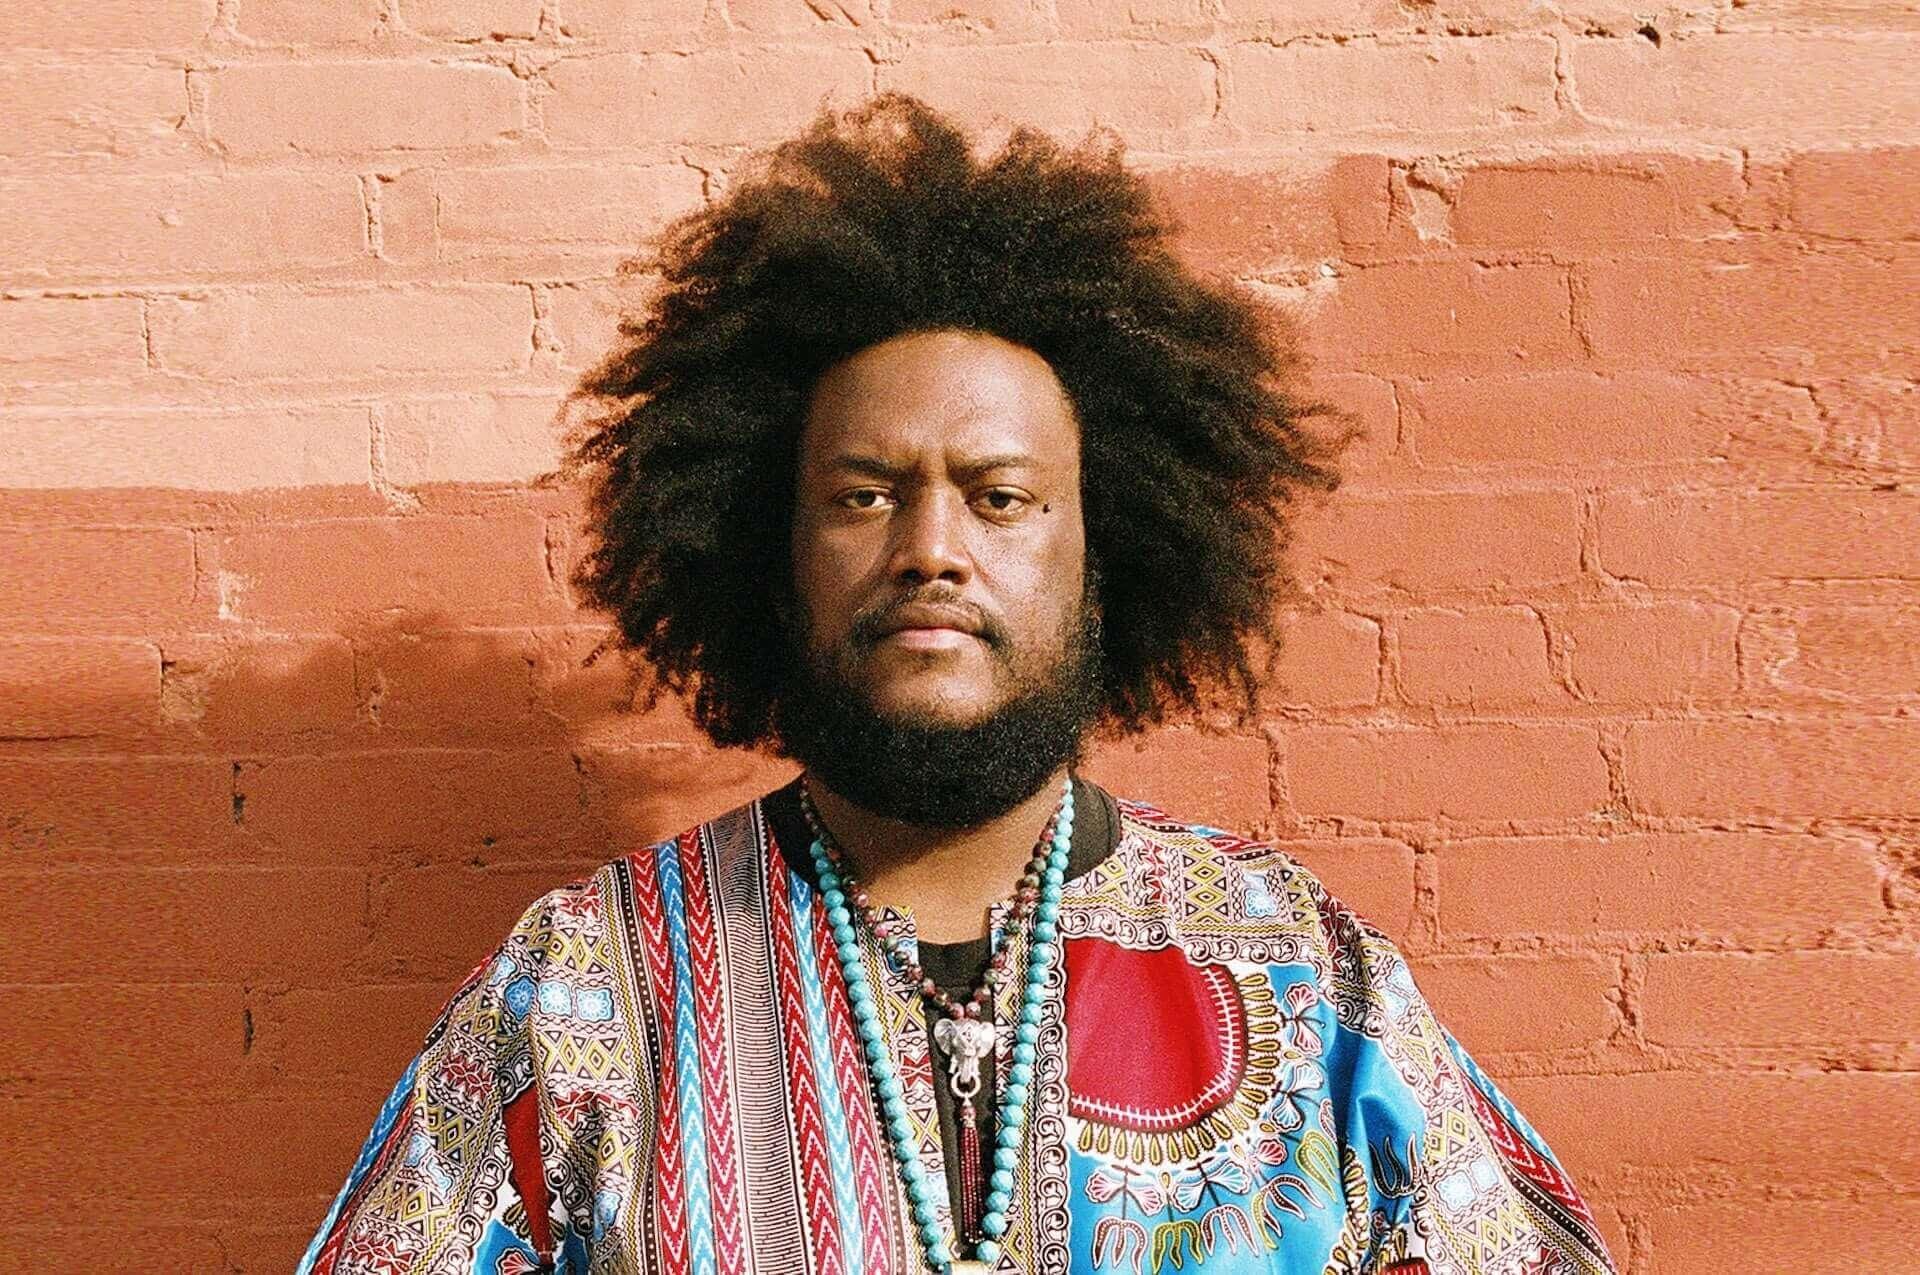 Kamasi Washingtonが自身初の映画音楽作品『Becoming』のフルライブを披露!コンサート映像シリーズ「SOUND/STAGE」にて公開 music201102_kamasi-washington_6-1920x1275